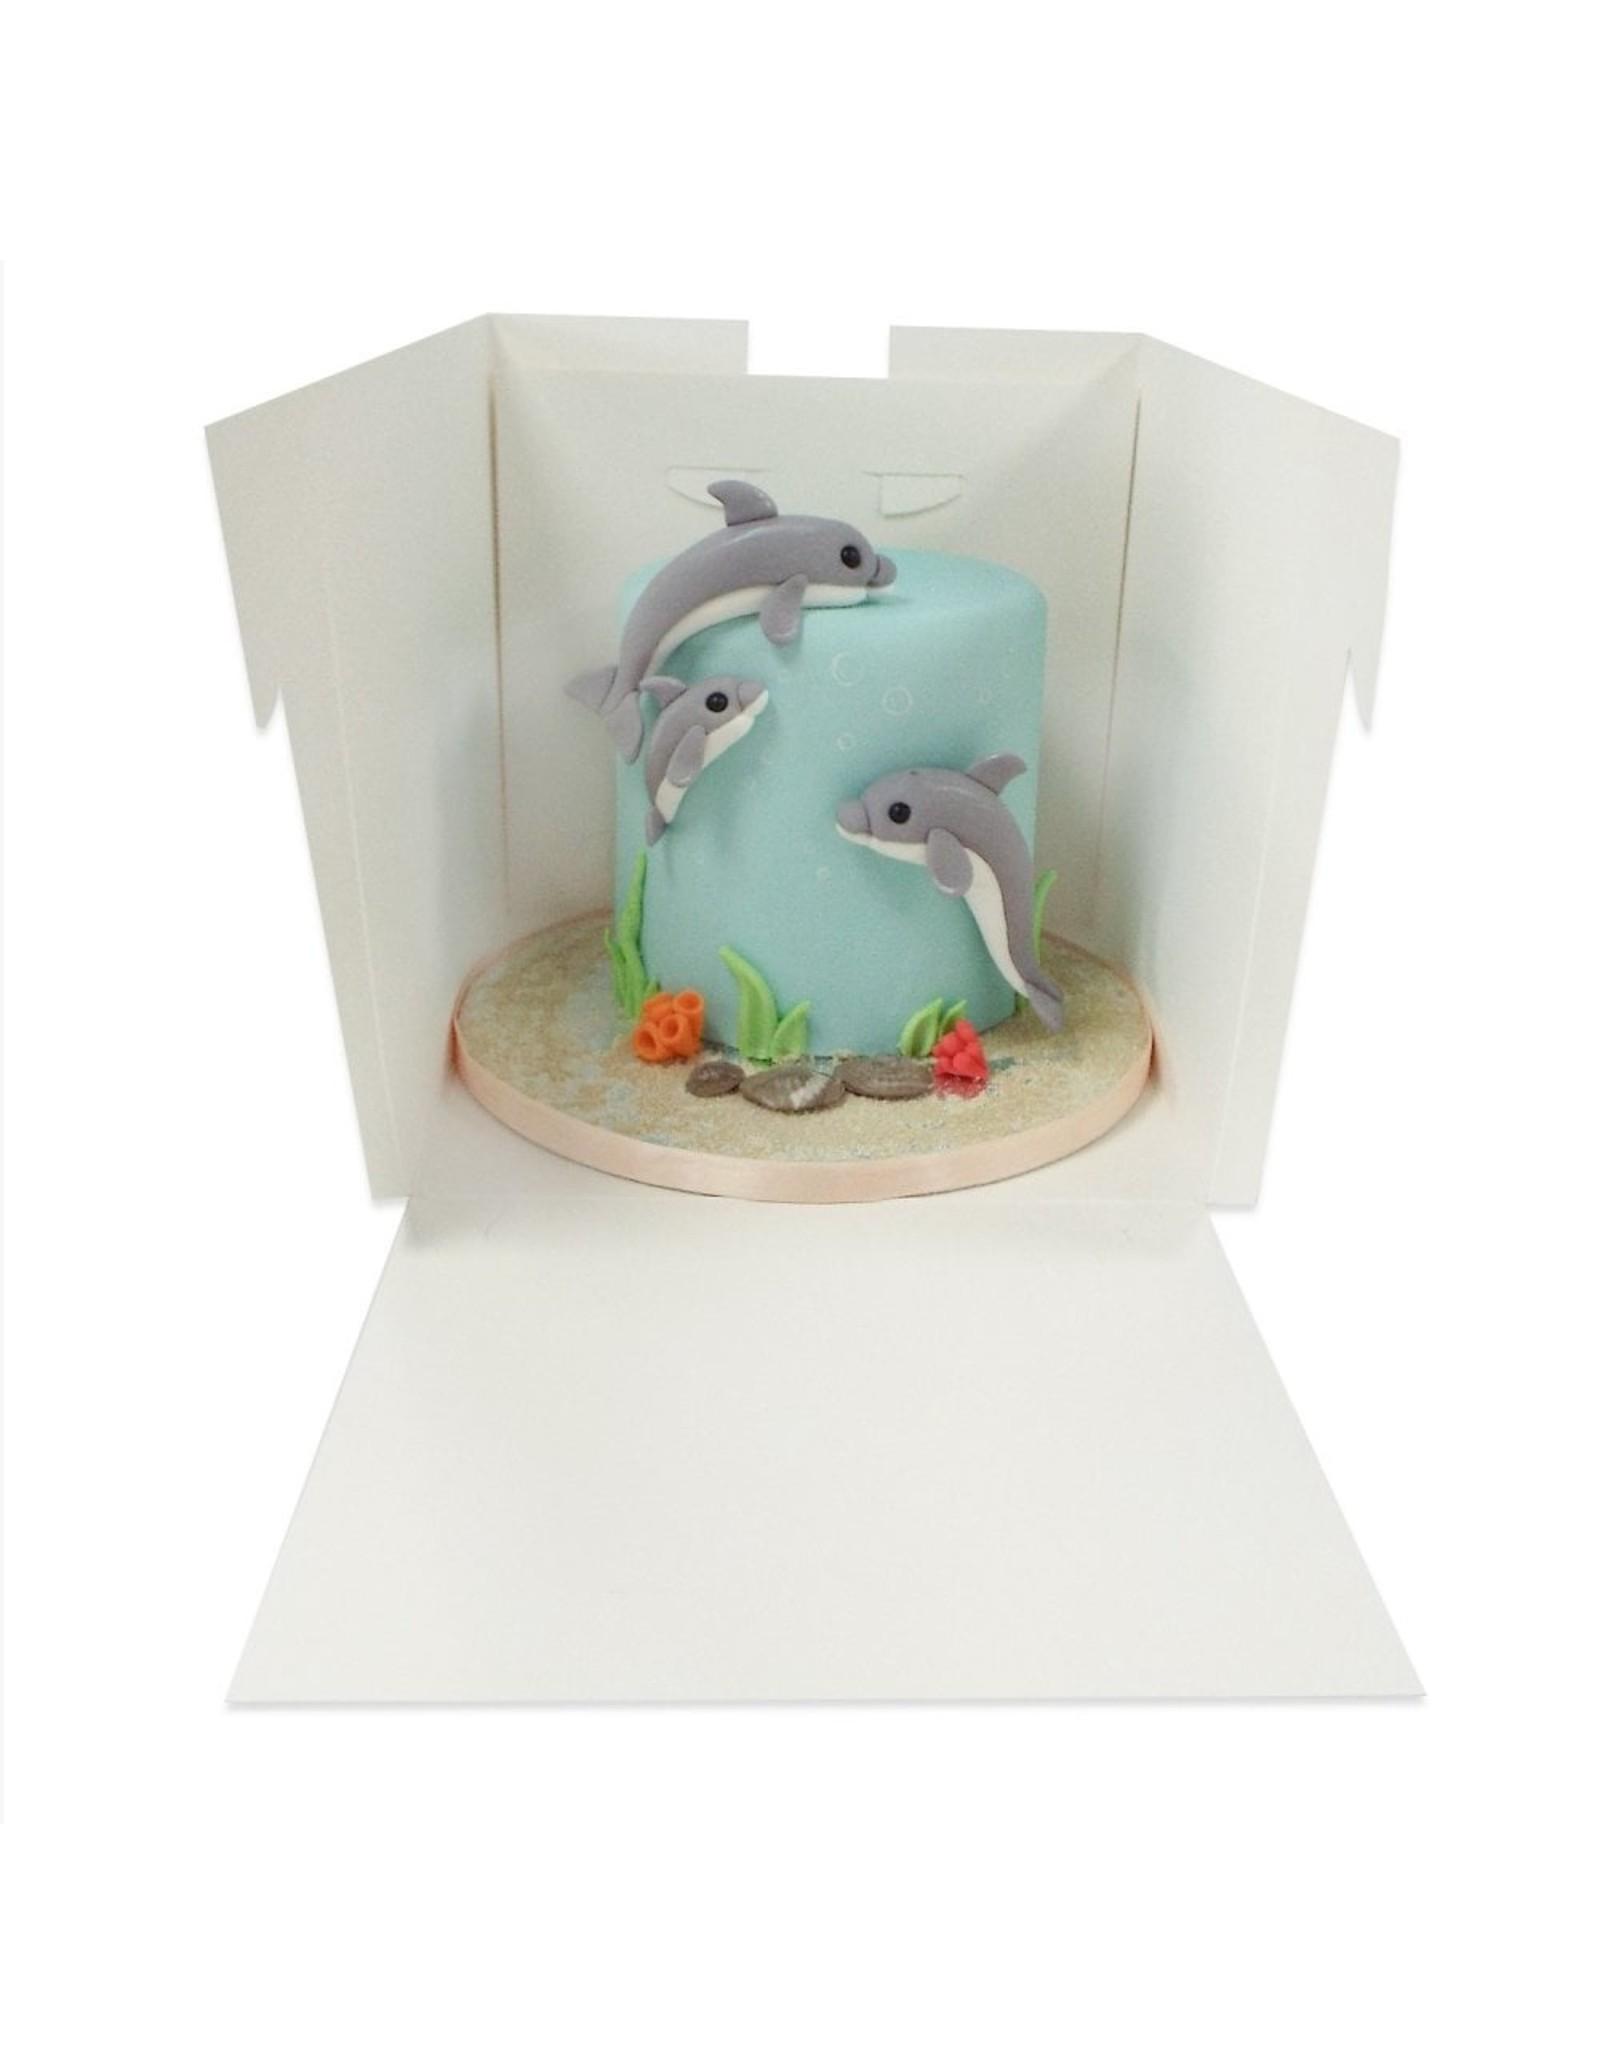 Tall cake box - 356 x 356 x 300 mm (per 50 pieces)